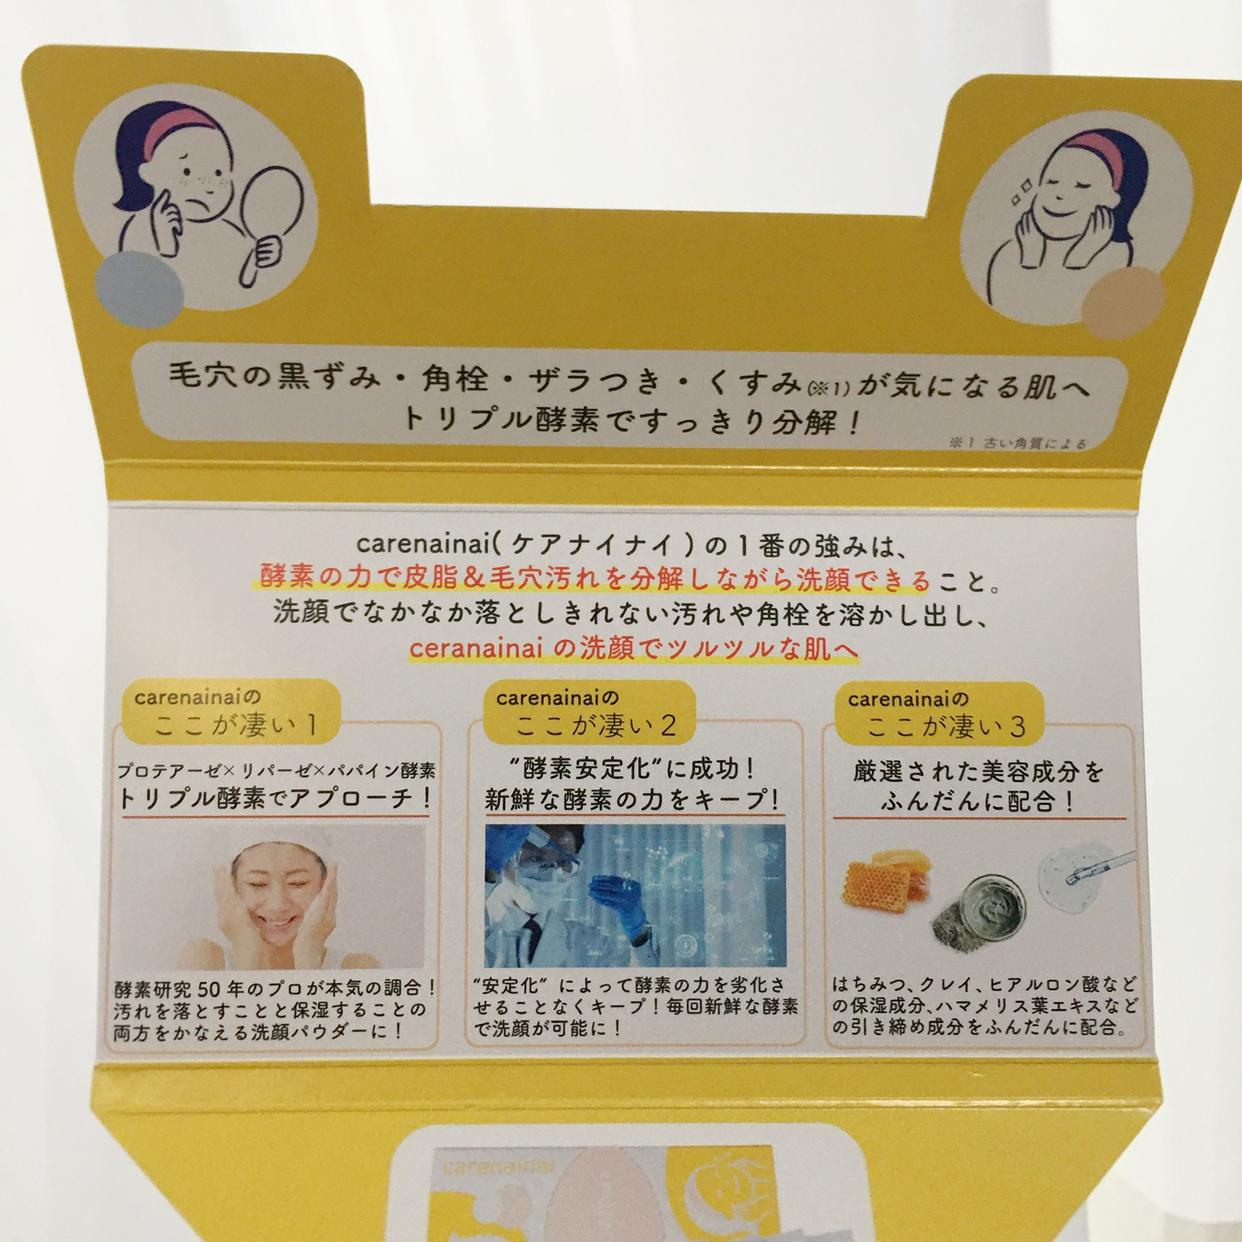 carenainai(ケアナイナイ) 酵素洗顔パウダーを使った有姫さんのクチコミ画像2